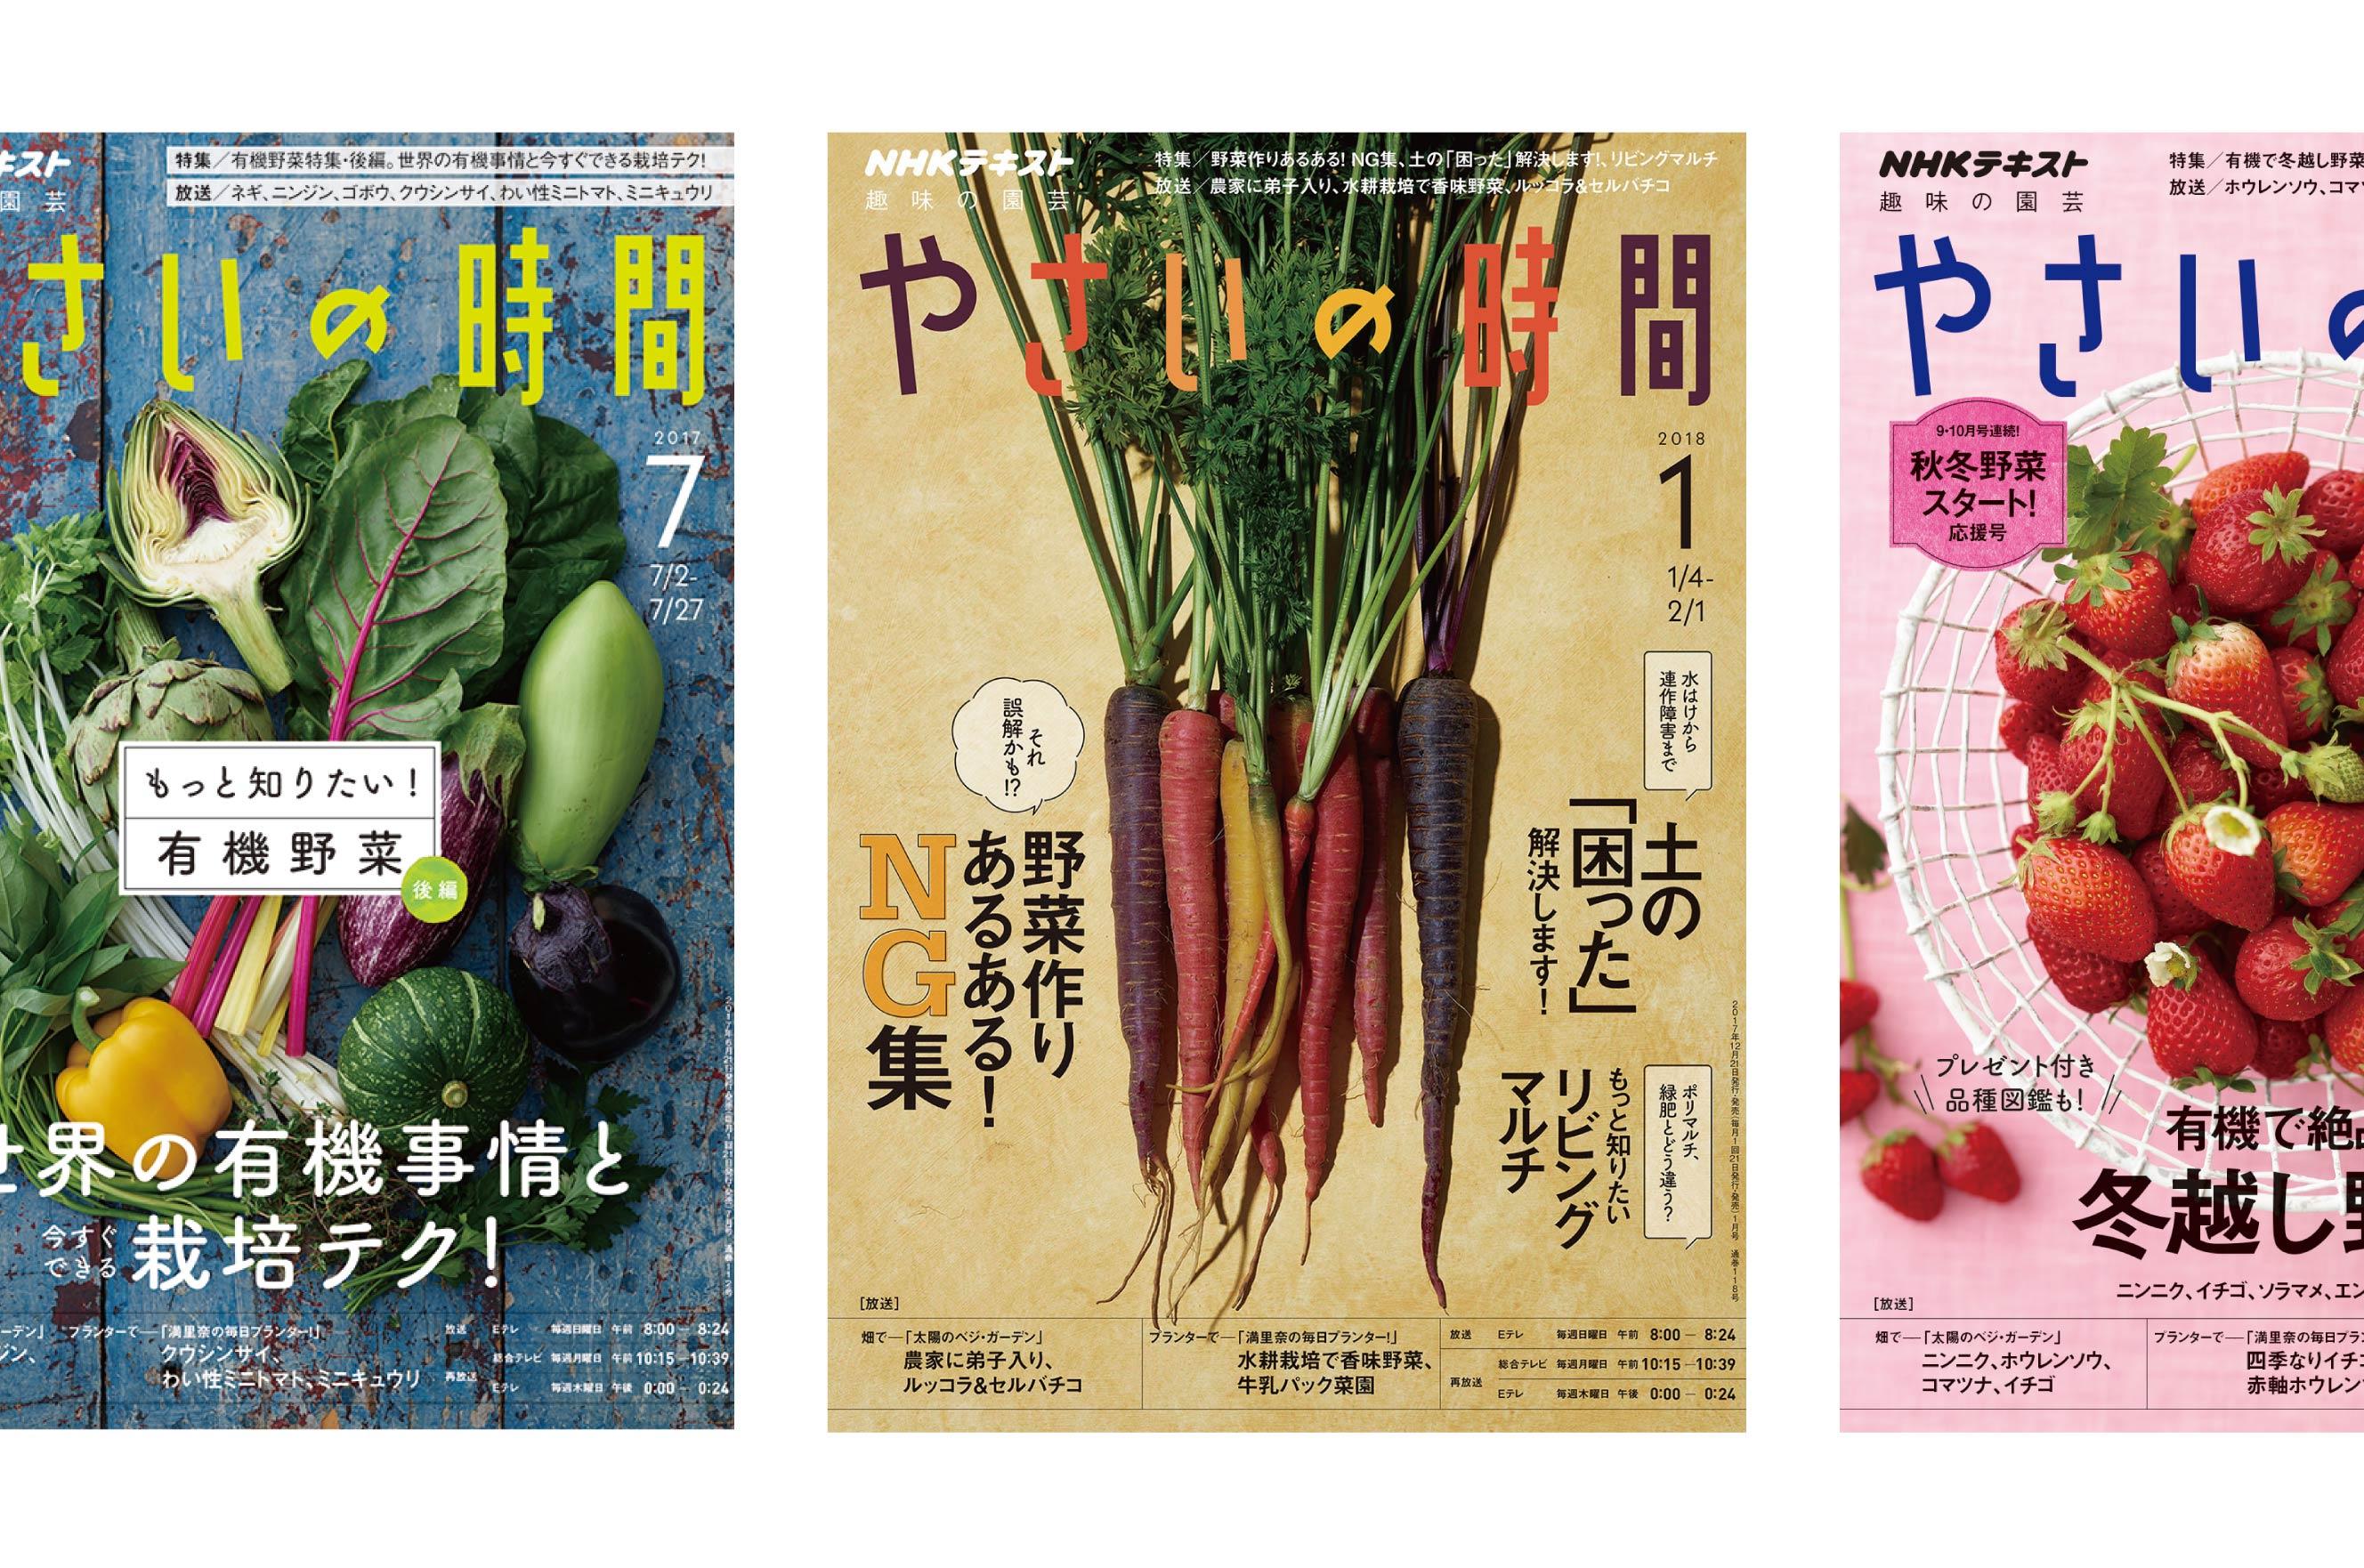 ミッドタウン『BIRD handbook』/NHK出版『やさいの時間』/ACC会報『ACCtion!』